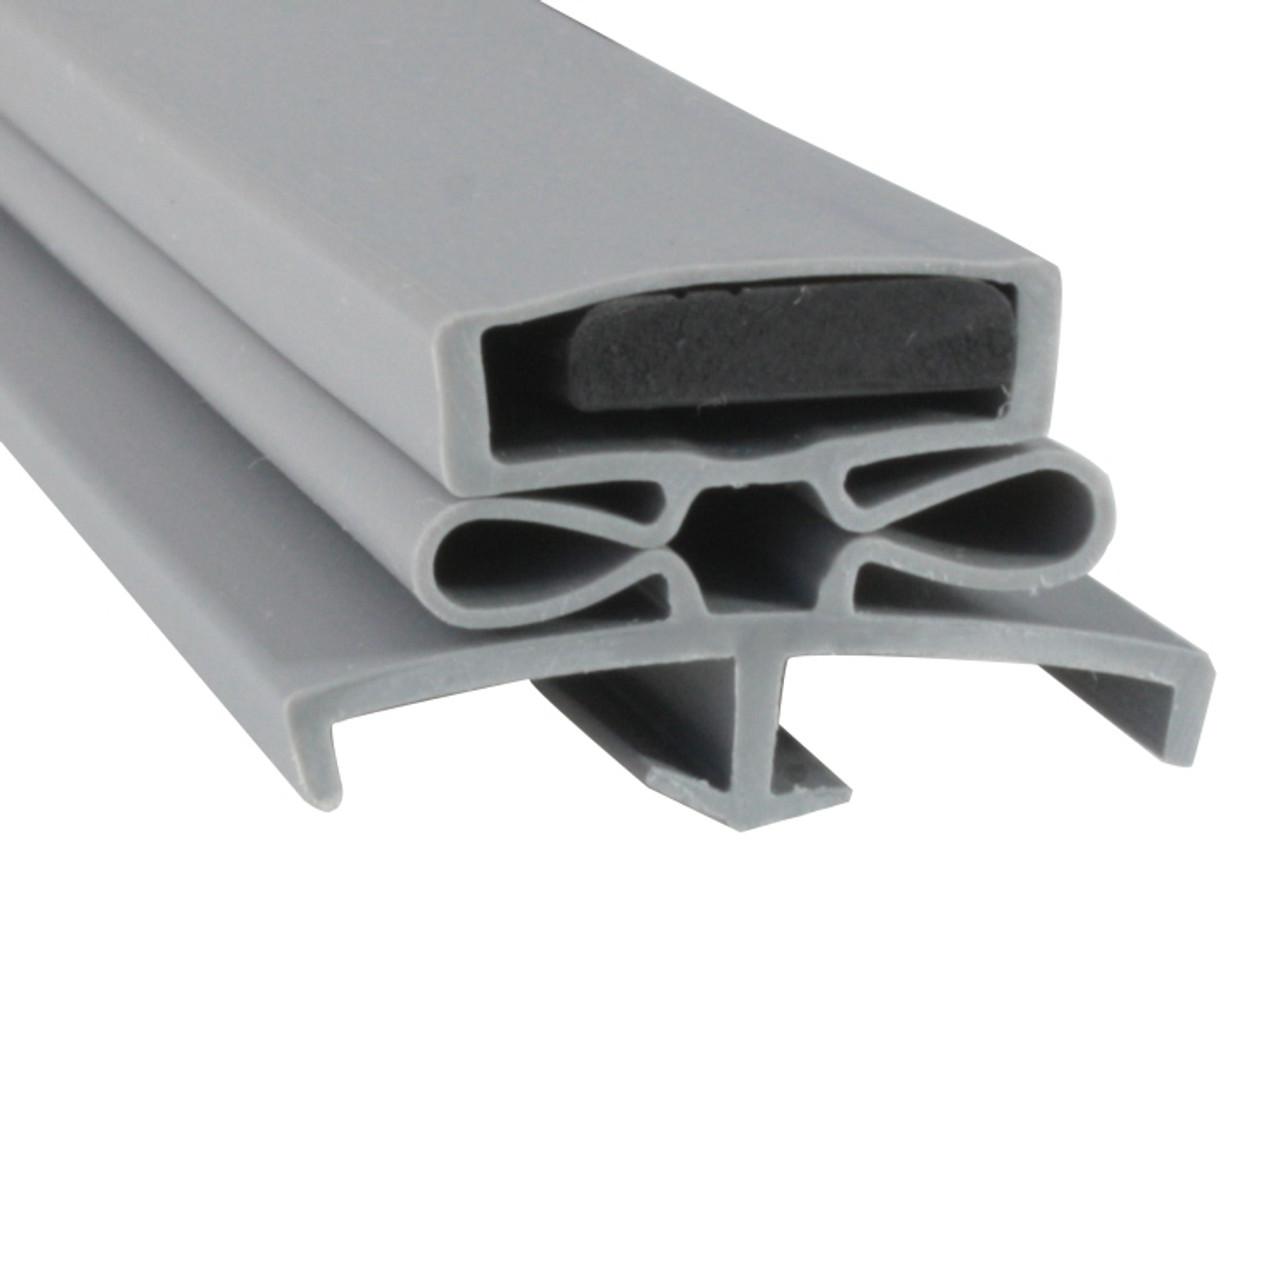 Star-Cooler-and-Freezer-Door-Gasket-Style-9527-30-x-30-1-4